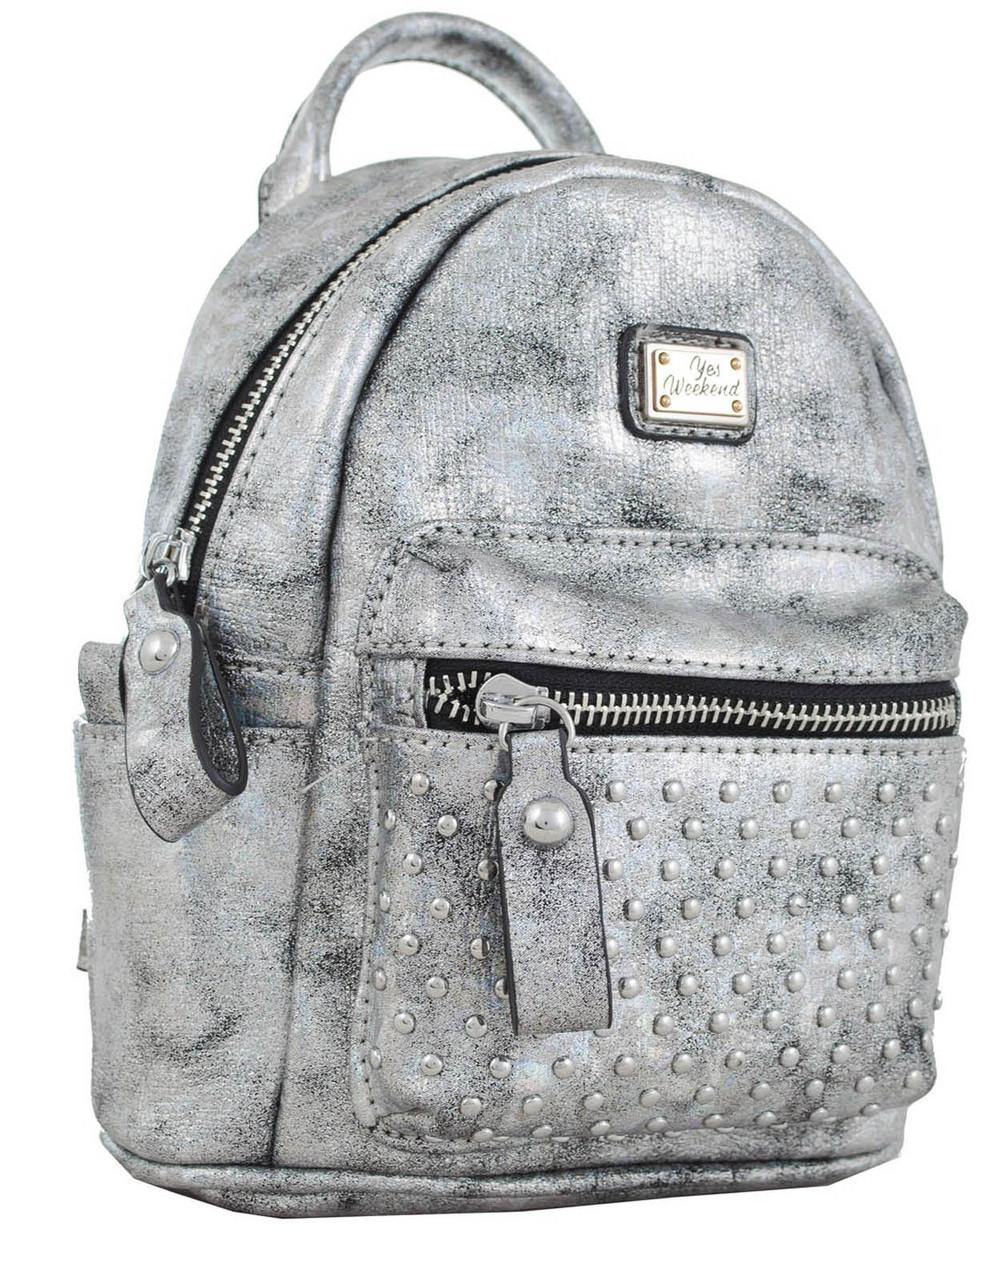 Сумка-рюкзак YES, темно-серый , 17*20*8см 553229